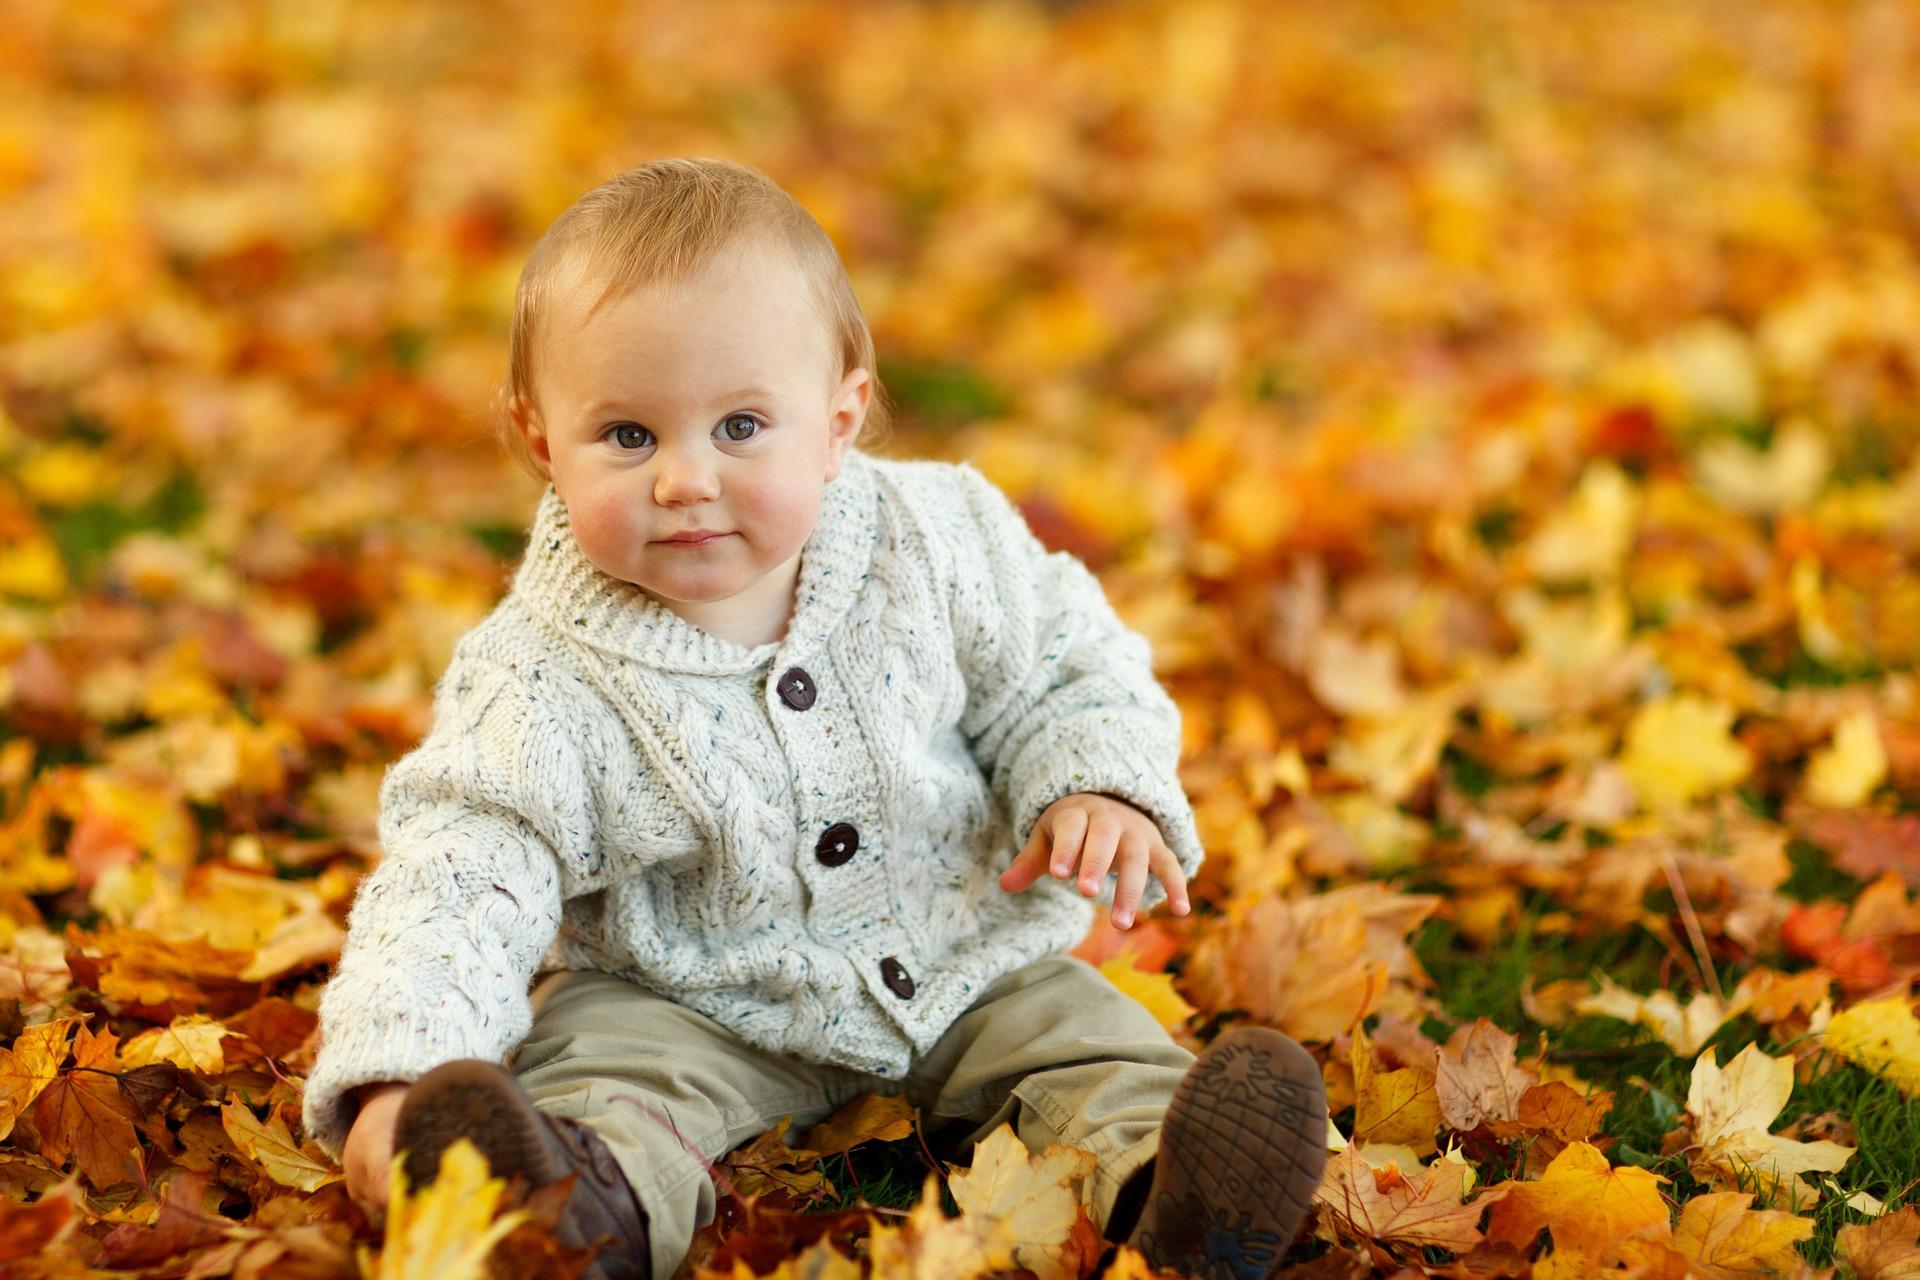 L'influence méconnue de l'environnement sur la santé du bébé 1